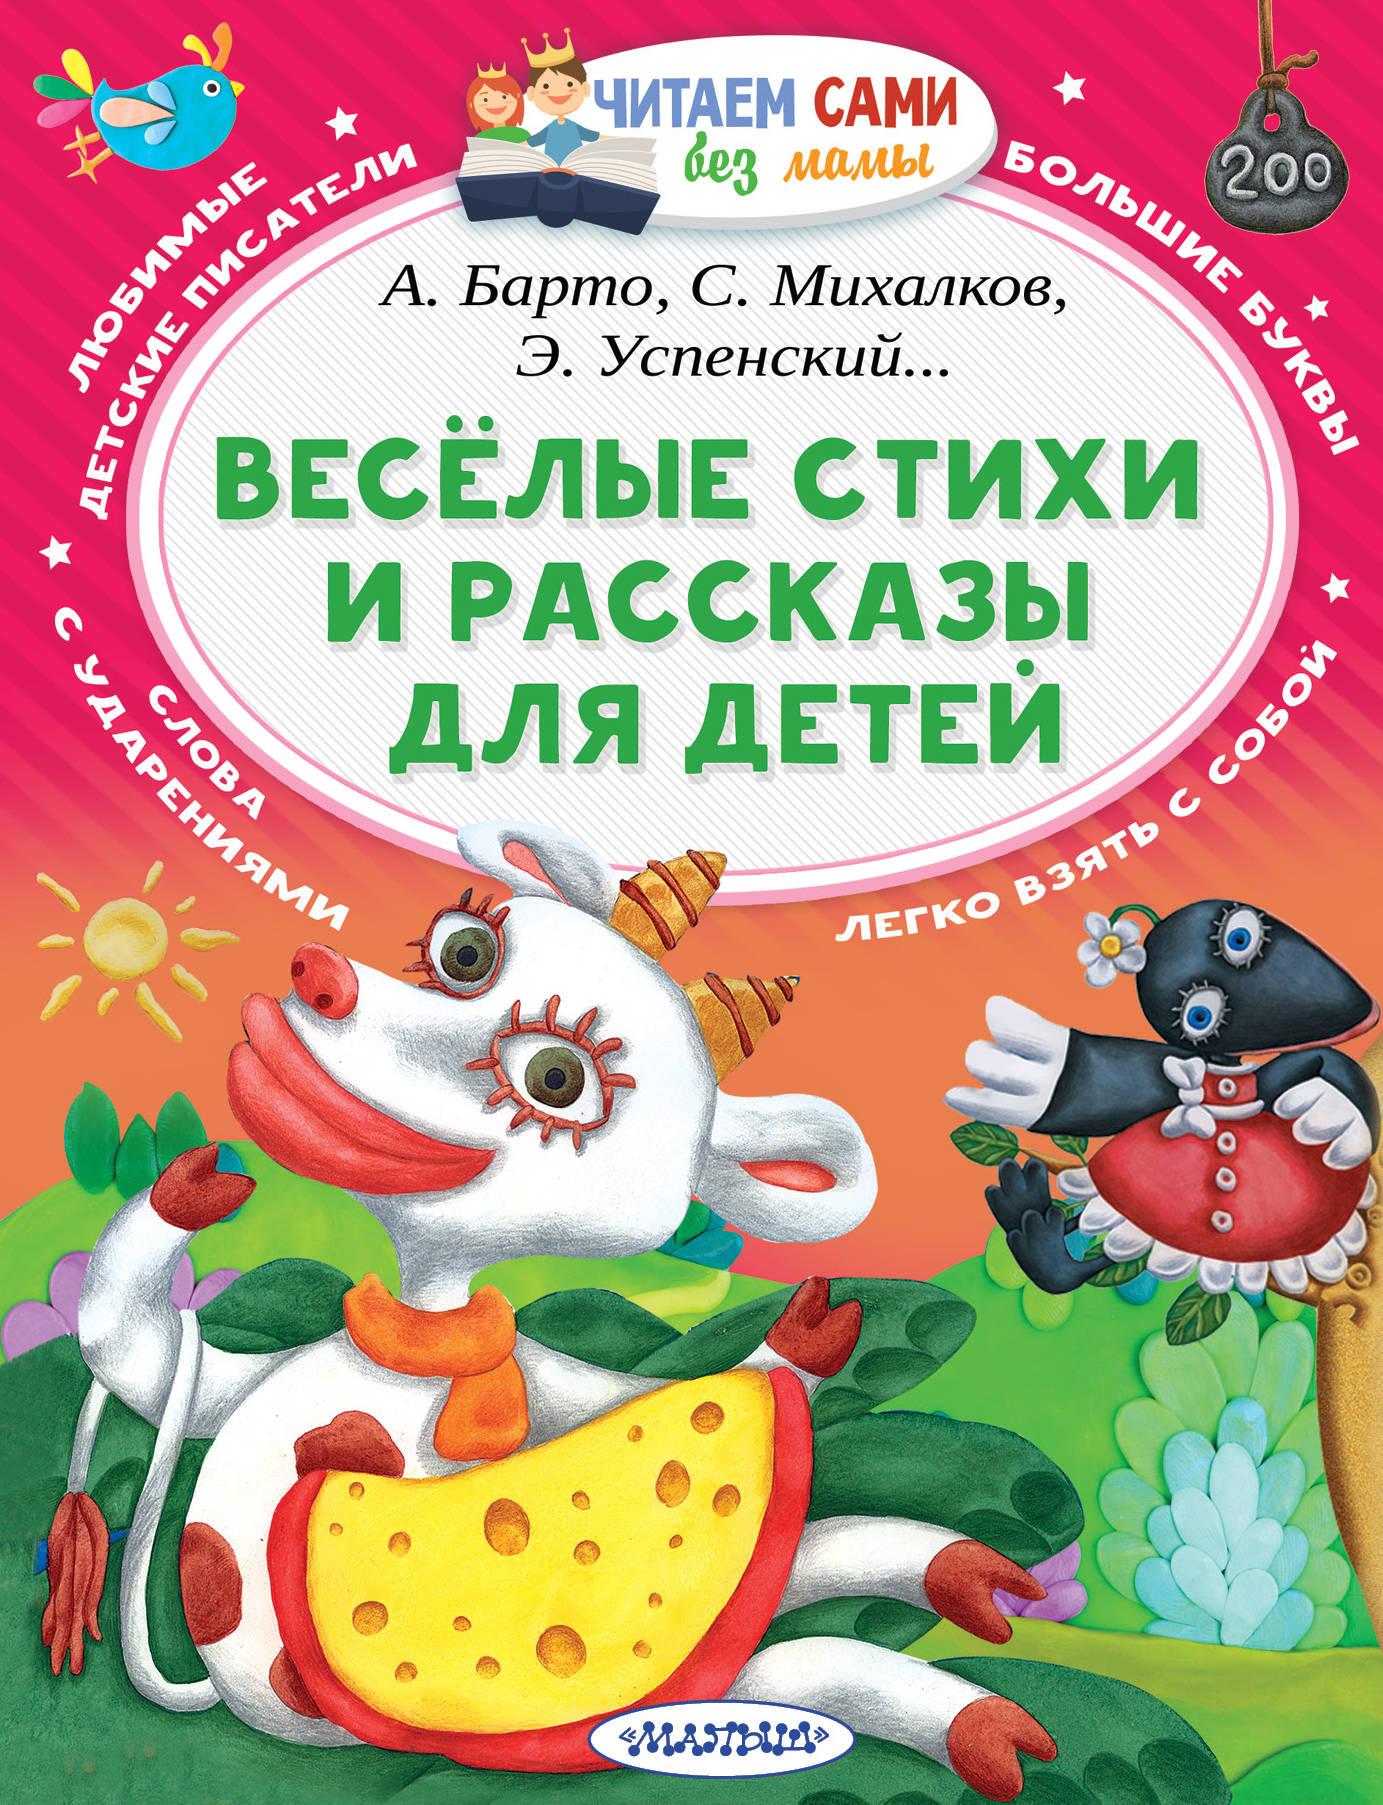 Михалков С.В. Весёлые стихи и рассказы для детей ассоль чувства пятнадцатилетней девчонки стихи и рассказы